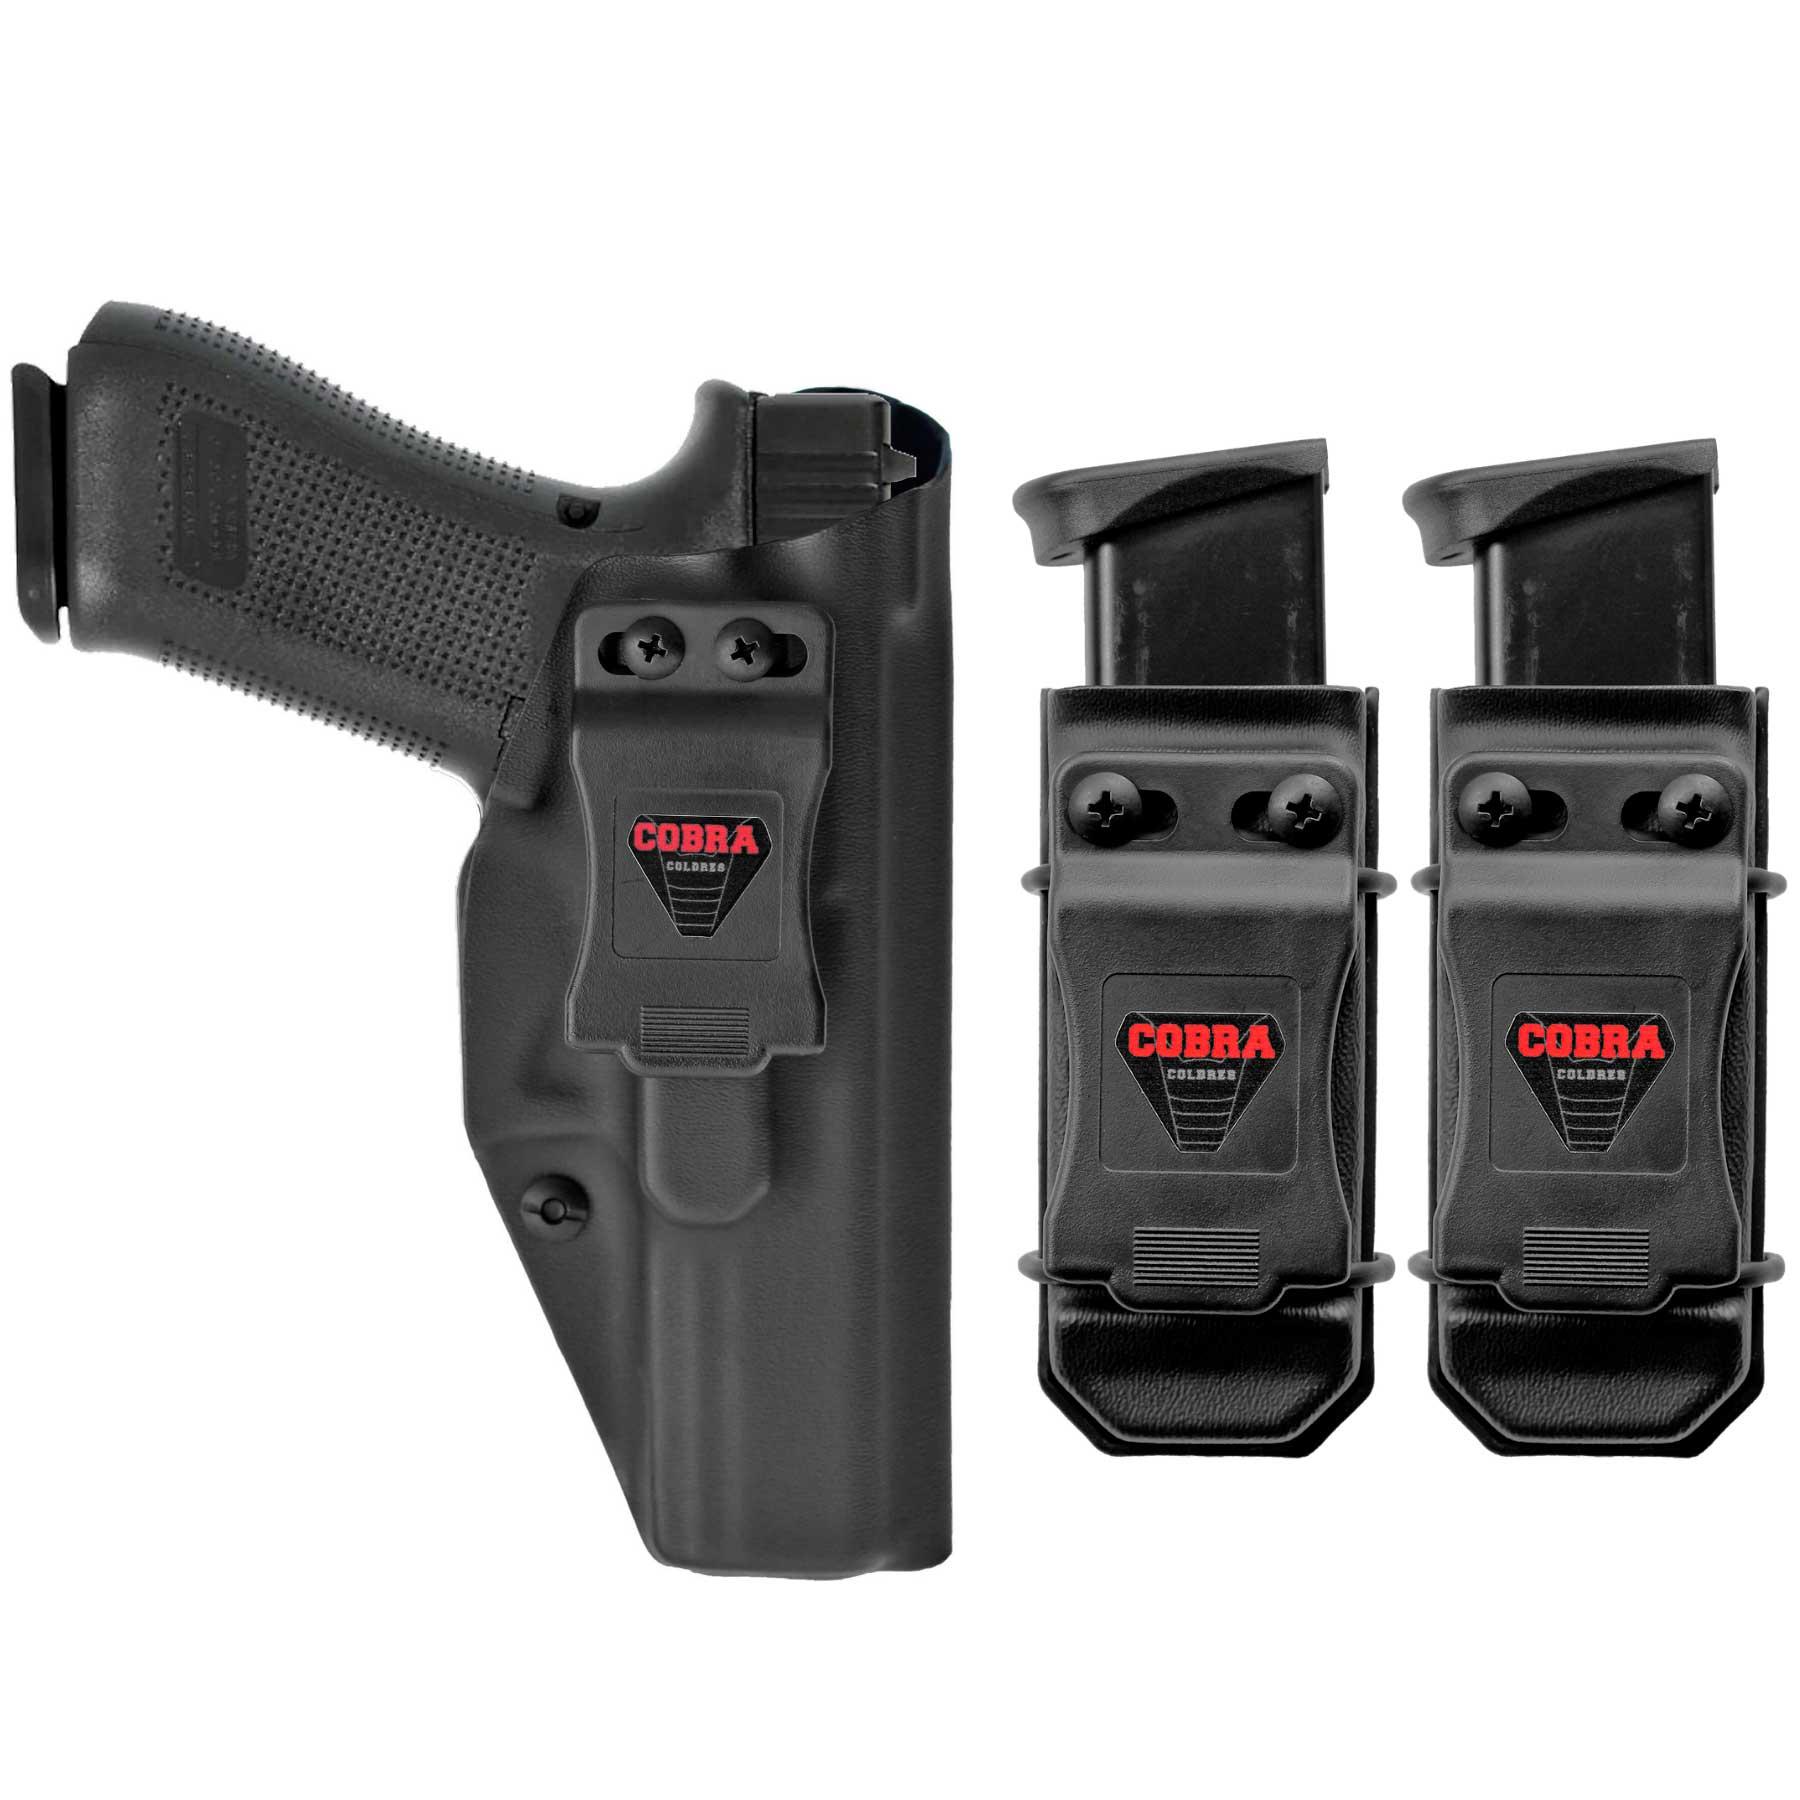 Coldre Glock [G17] [G22] [G31] Kydex + 2 Porta-Carregadores Universais - Saque Rápido Velado Kydex® 080